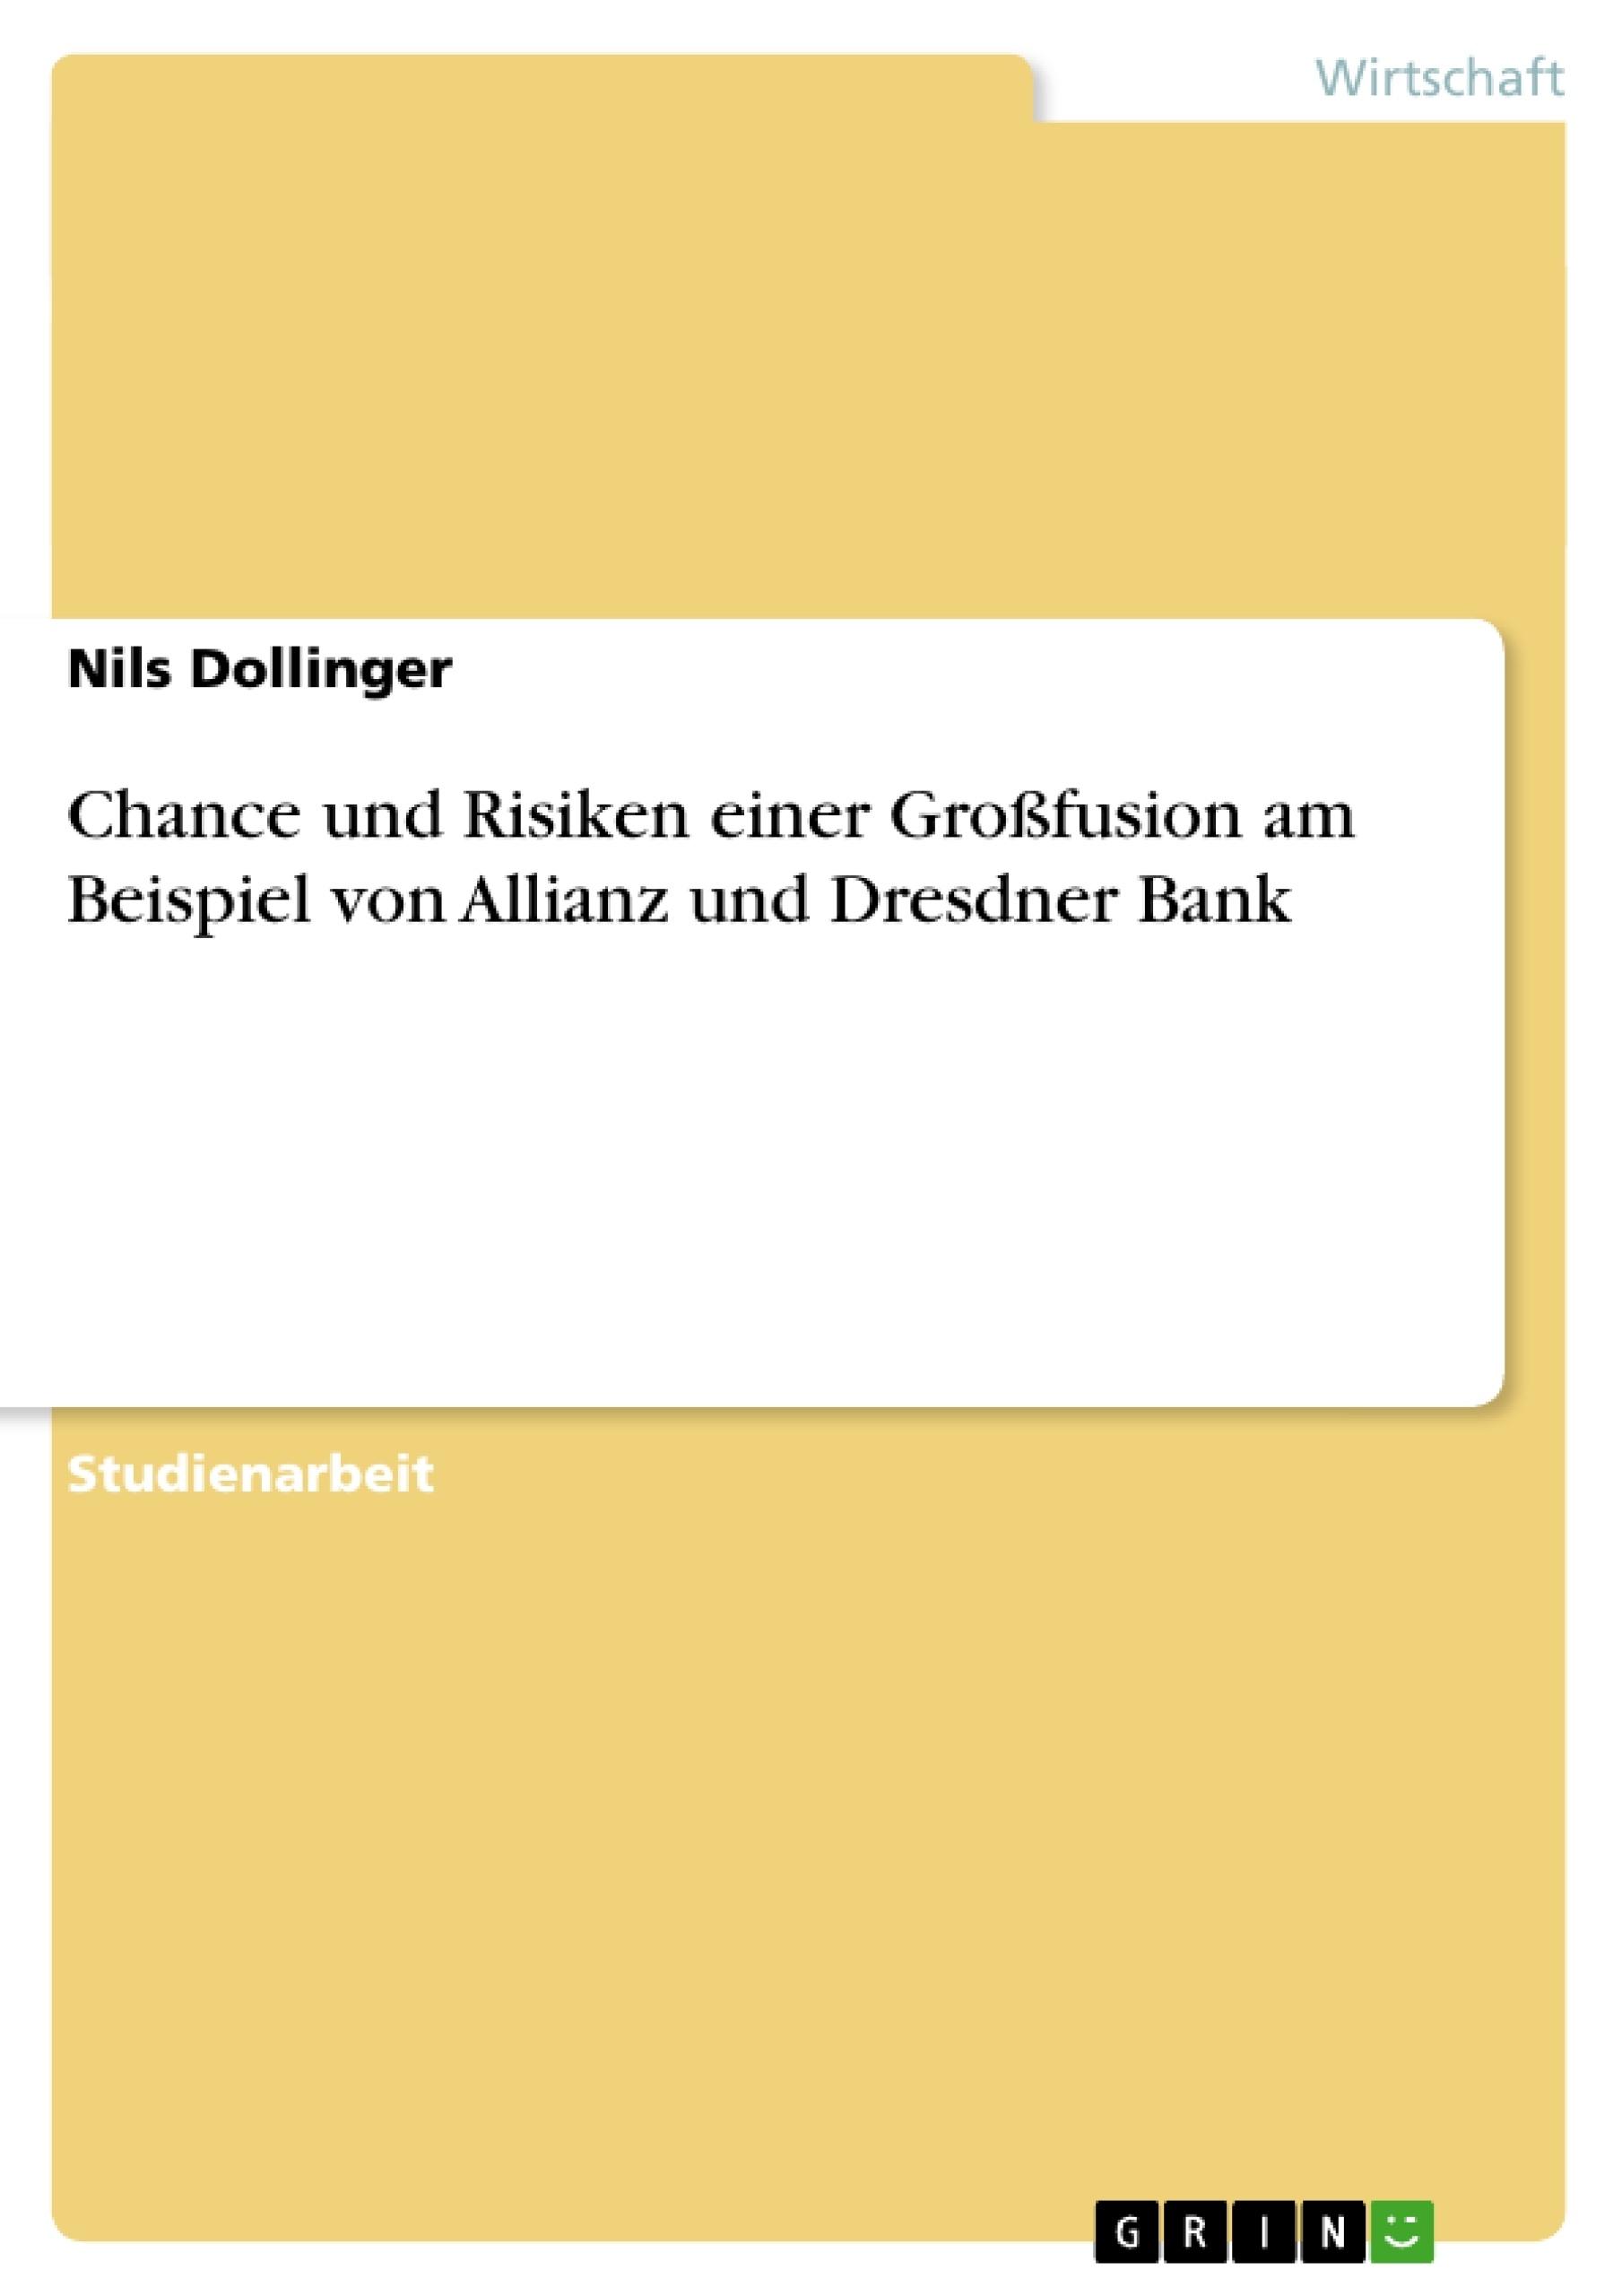 Titel: Chance und Risiken einer Großfusion am Beispiel von Allianz und Dresdner Bank